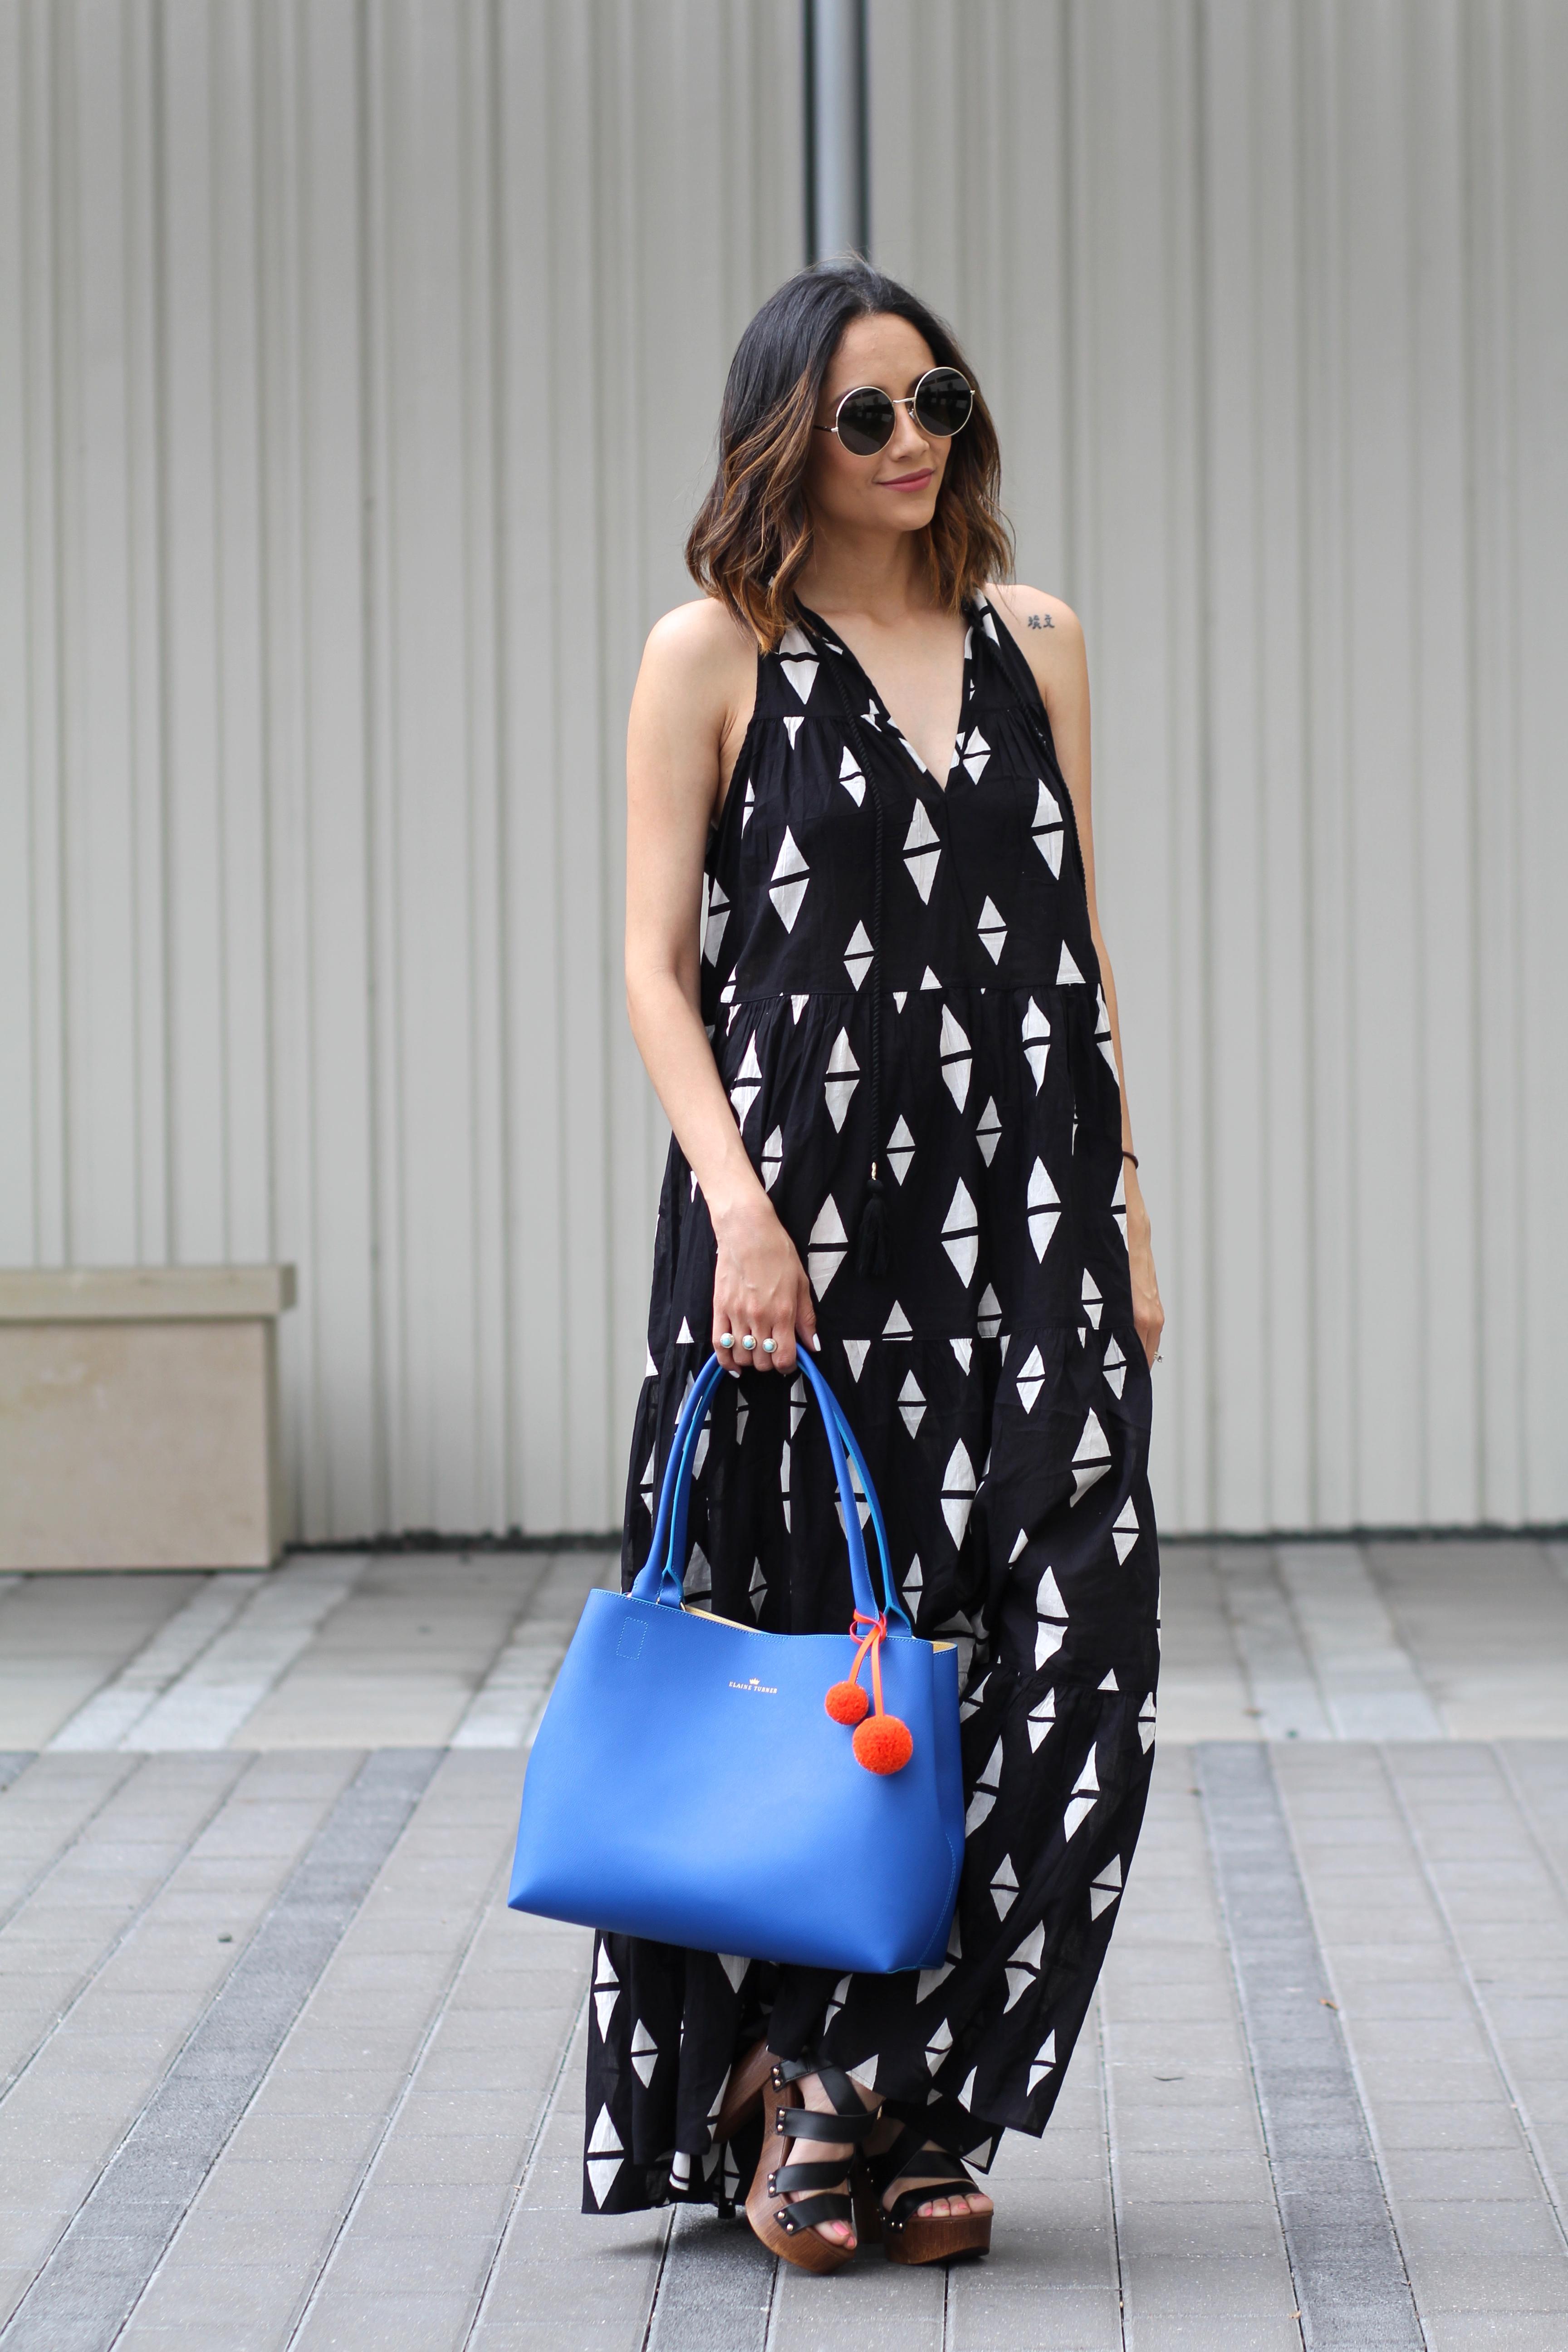 How to wear prints, pom poms & platforms